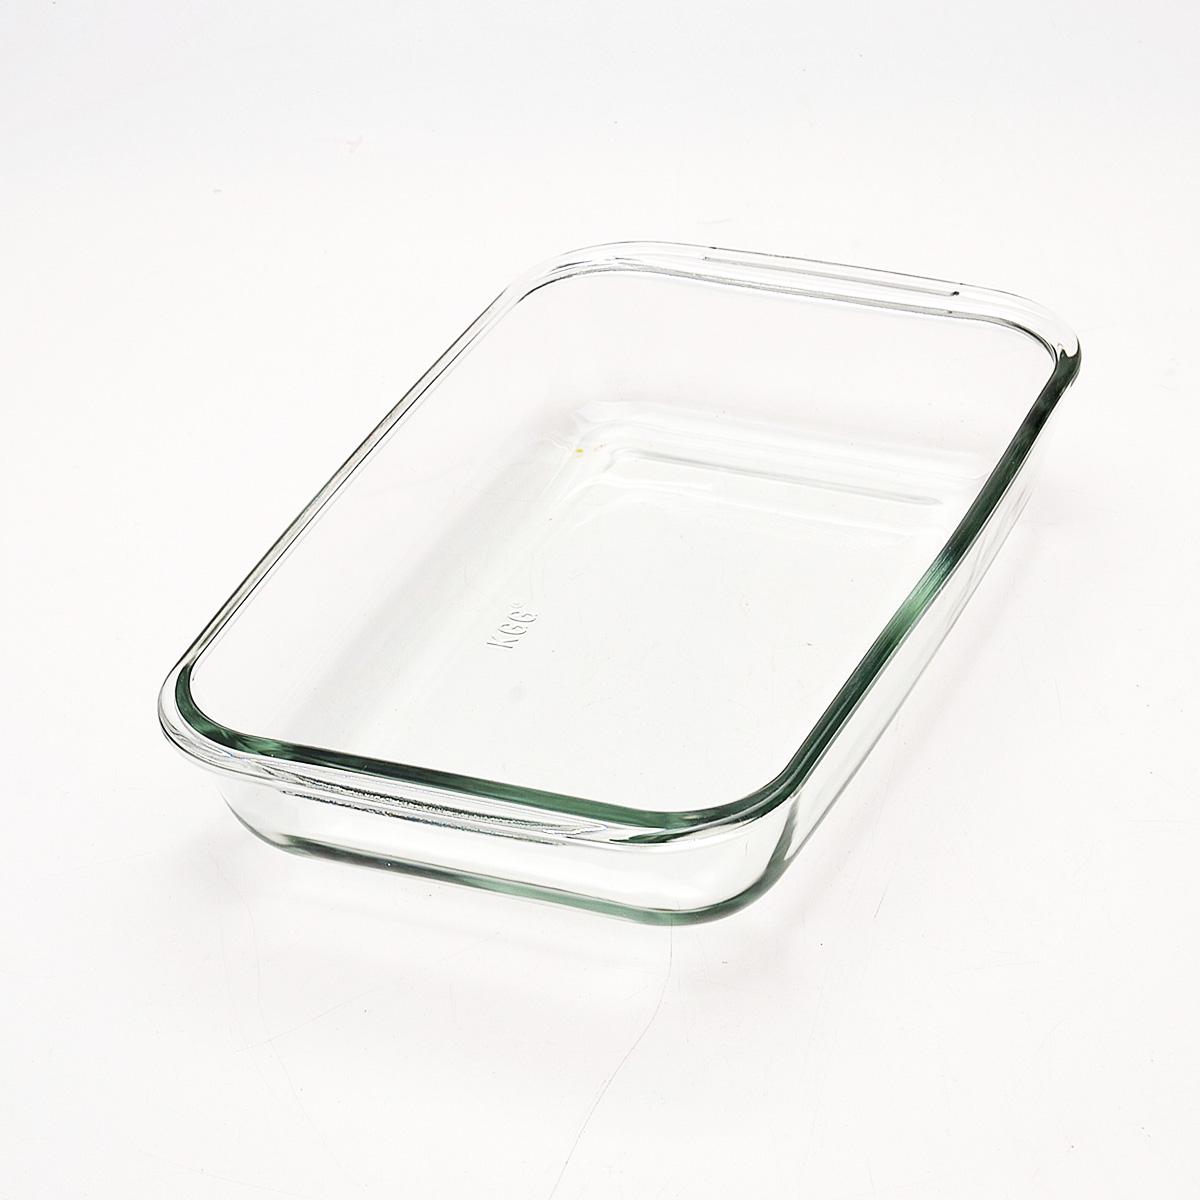 Жаровня Loraine, прямоугольная, 1,6 л20675Прямоугольная жаровня Loraine изготовлена из жаропрочного боросиликатного прозрачного стекла. Стеклянная посуда идеальна для запекания, так как стекло - это экологически чистый, износостойкий и долговечный материал, к которому не прилипает пища, в такой посуде пища сохраняет все свои полезные вещества и микроэлементы. Емкость идеальна для запекания в духовке птицы и мяса, для приготовления лазаньи, запеканки и даже пирогов. С жаровней Loraine вы всегда сможете порадовать своих близких оригинальной выпечкой. Подходит для использования в духовке при температуре до +400°С, в морозильной камере при температуре до -40°С. Можно использовать в микроволновой печи. Подходит для мытья в посудомоечной машине. Размер (с учетом ручек): 29,6 см х 17,9 см. Размер (без учета ручек): 26 см х 16,5 см. Высота стенки: 5 см.